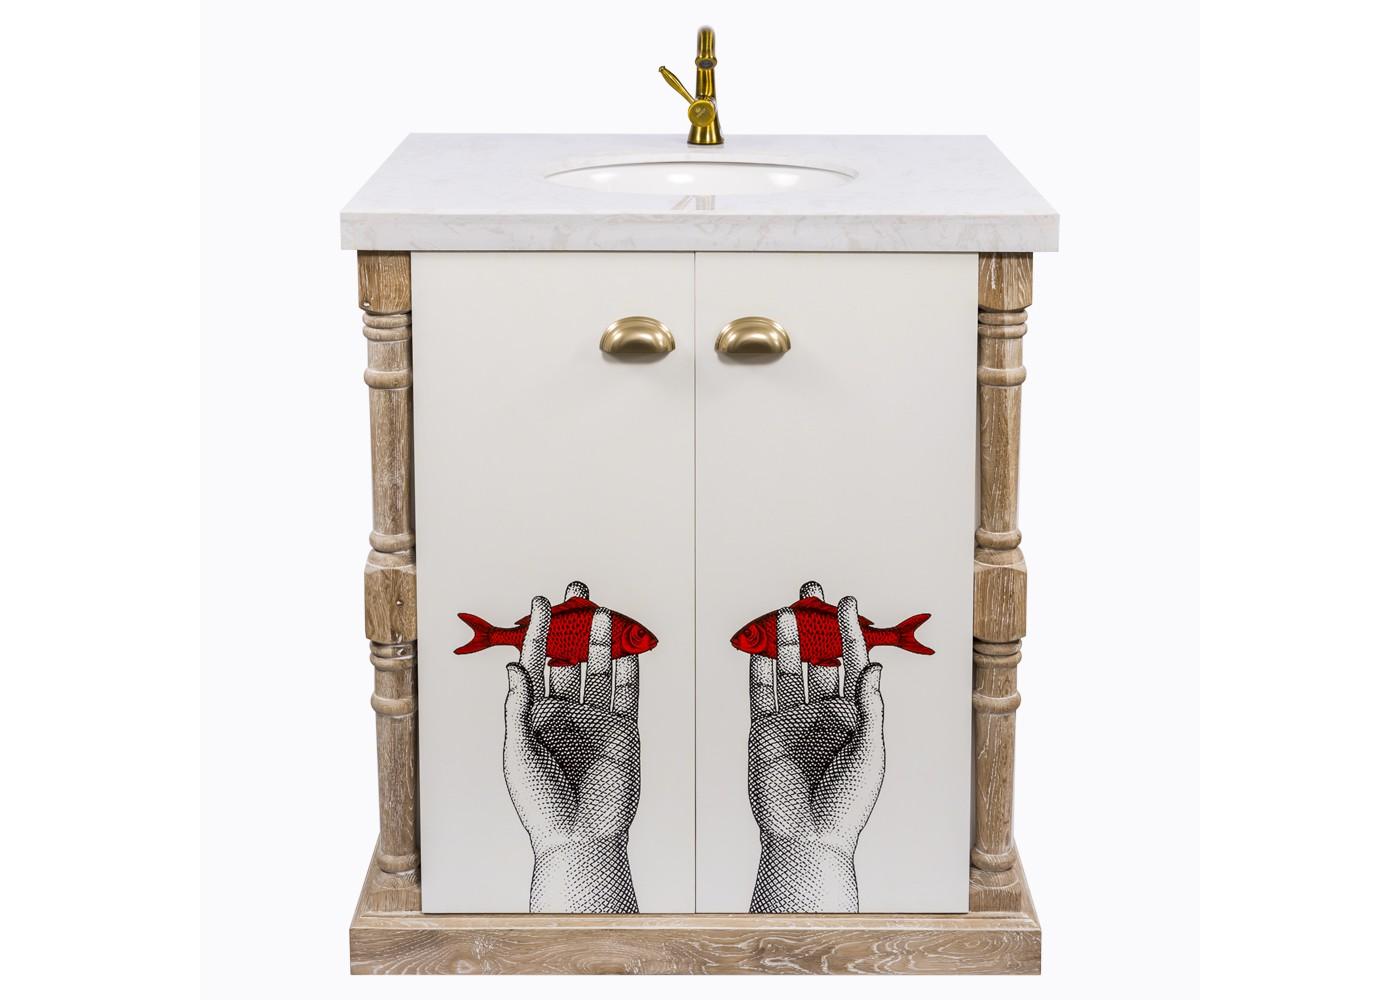 Тумба с раковиной Лина, версия ОкеанТумбы для ванной<br>&amp;lt;div&amp;gt;&amp;lt;div&amp;gt;Тумба для ванной комнаты &amp;quot;Океан&amp;quot; просторна, удобна, оригинальна и эстетична. Обладая широким бытовым и декоративным потенциалом, тумба устроит и практиков, и эстетов. Первым она предоставит идеальный органайзер, умещающий полный комплект парфюмерных и гигиенических средств. Вторые сочтут тумбу за арт-объект, возвышающий интерьер ослепительной свежестью и салонным глянцем. Тумба &amp;quot;Океан&amp;quot; - эталон интерьерной эклектики, гармонично совместившей массу диаметральных жанров и эпох: французский дворцовый классицизм, английский стиль, &amp;quot;модерн&amp;quot;, &amp;quot;прованс&amp;quot;, &amp;quot;поп-арт&amp;quot;.&amp;amp;nbsp;&amp;lt;/div&amp;gt;&amp;lt;div&amp;gt;&amp;lt;br&amp;gt;&amp;lt;/div&amp;gt;&amp;lt;div&amp;gt;Материал: массив дуба, мдф, мрамор, керамика.&amp;lt;/div&amp;gt;&amp;lt;/div&amp;gt;&amp;lt;div&amp;gt;&amp;lt;br&amp;gt;&amp;lt;/div&amp;gt;&amp;lt;div&amp;gt;&amp;lt;br&amp;gt;&amp;lt;/div&amp;gt;<br><br>&amp;lt;iframe width=&amp;quot;530&amp;quot; height=&amp;quot;360&amp;quot; src=&amp;quot;https://www.youtube.com/embed/pYyhIontOYI&amp;quot; frameborder=&amp;quot;0&amp;quot; allowfullscreen=&amp;quot;&amp;quot;&amp;gt;&amp;lt;/iframe&amp;gt;<br><br>Material: Дуб<br>Ширина см: 80<br>Высота см: 90<br>Глубина см: 60